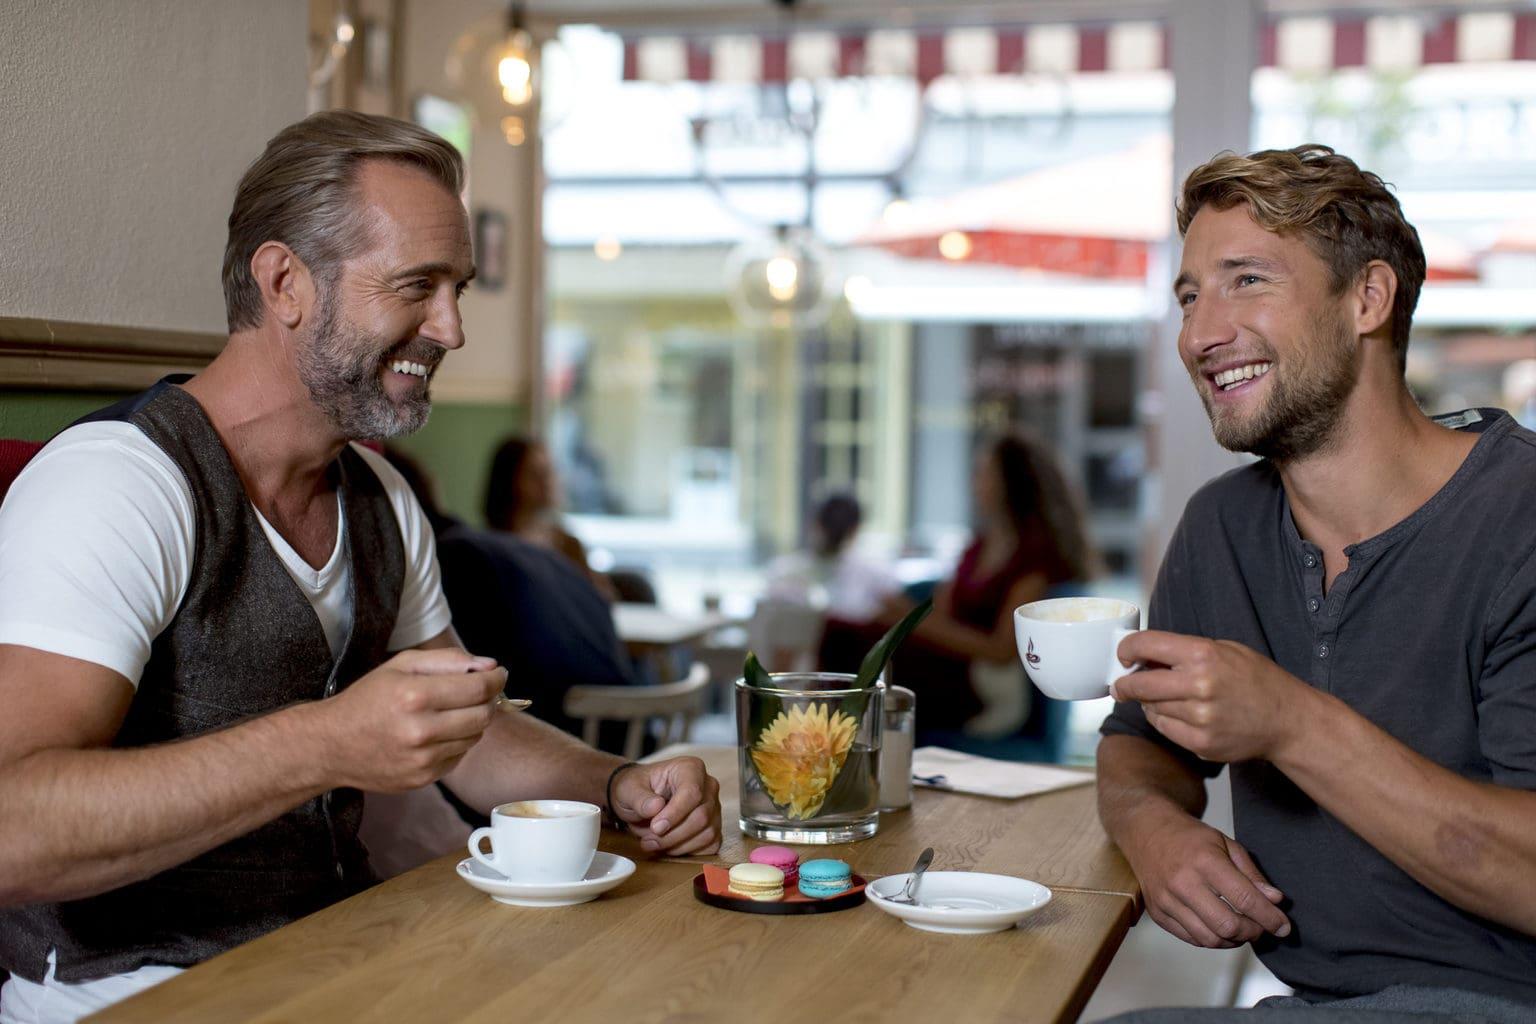 Tot de definitie van wellness voor mannen in Beieren behoort ook het genot